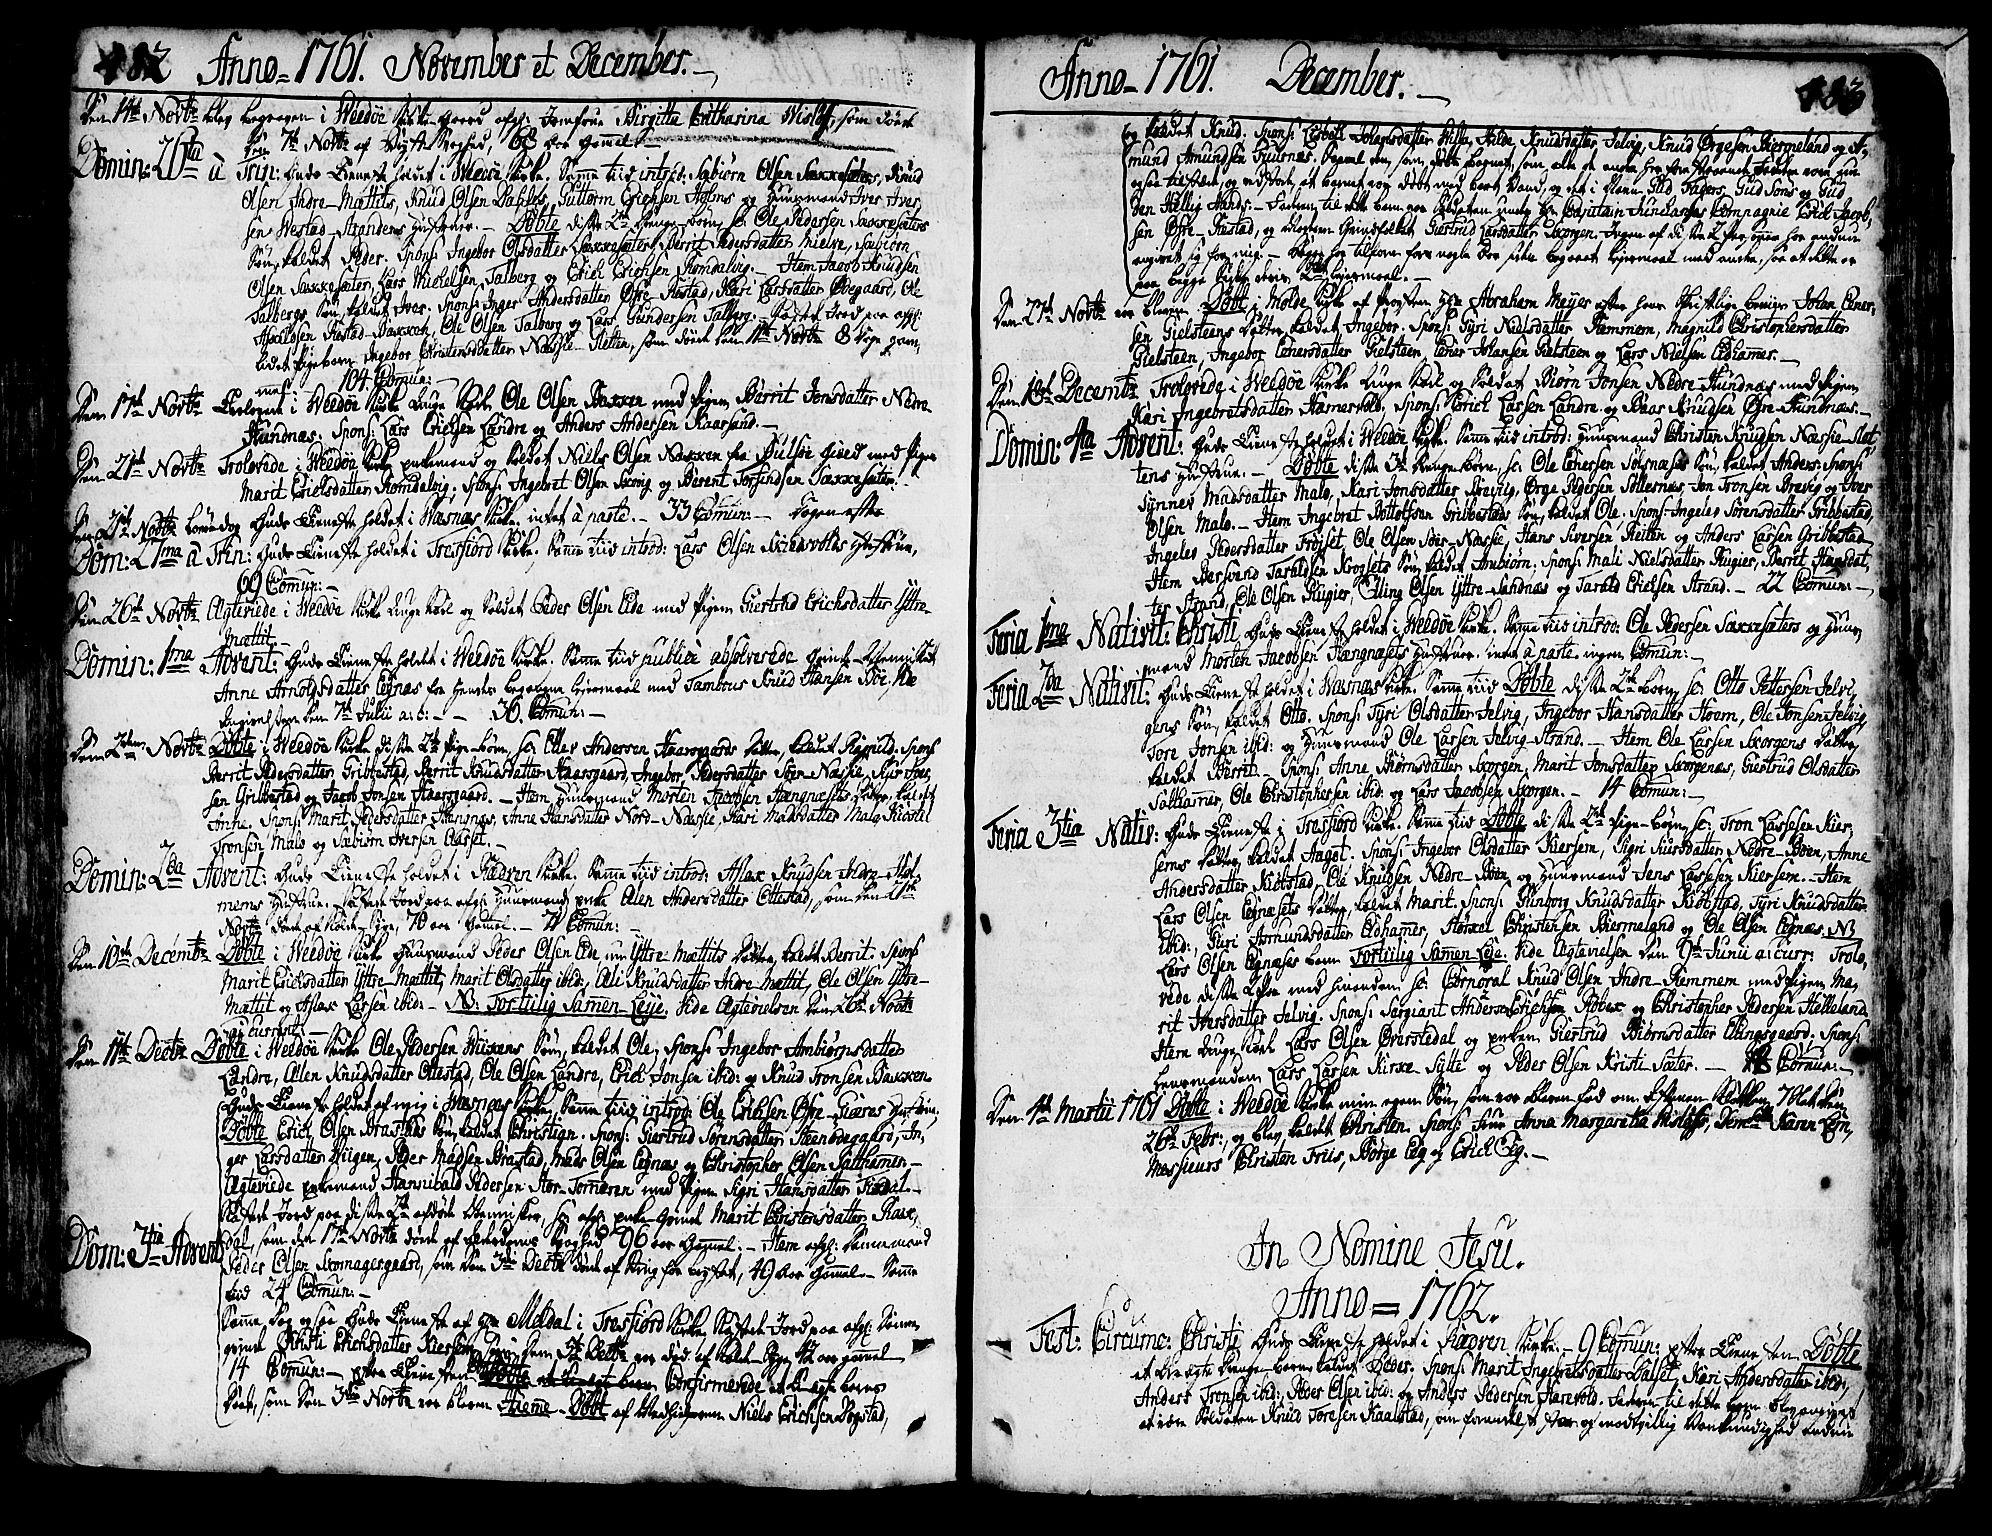 SAT, Ministerialprotokoller, klokkerbøker og fødselsregistre - Møre og Romsdal, 547/L0599: Ministerialbok nr. 547A01, 1721-1764, s. 482-483